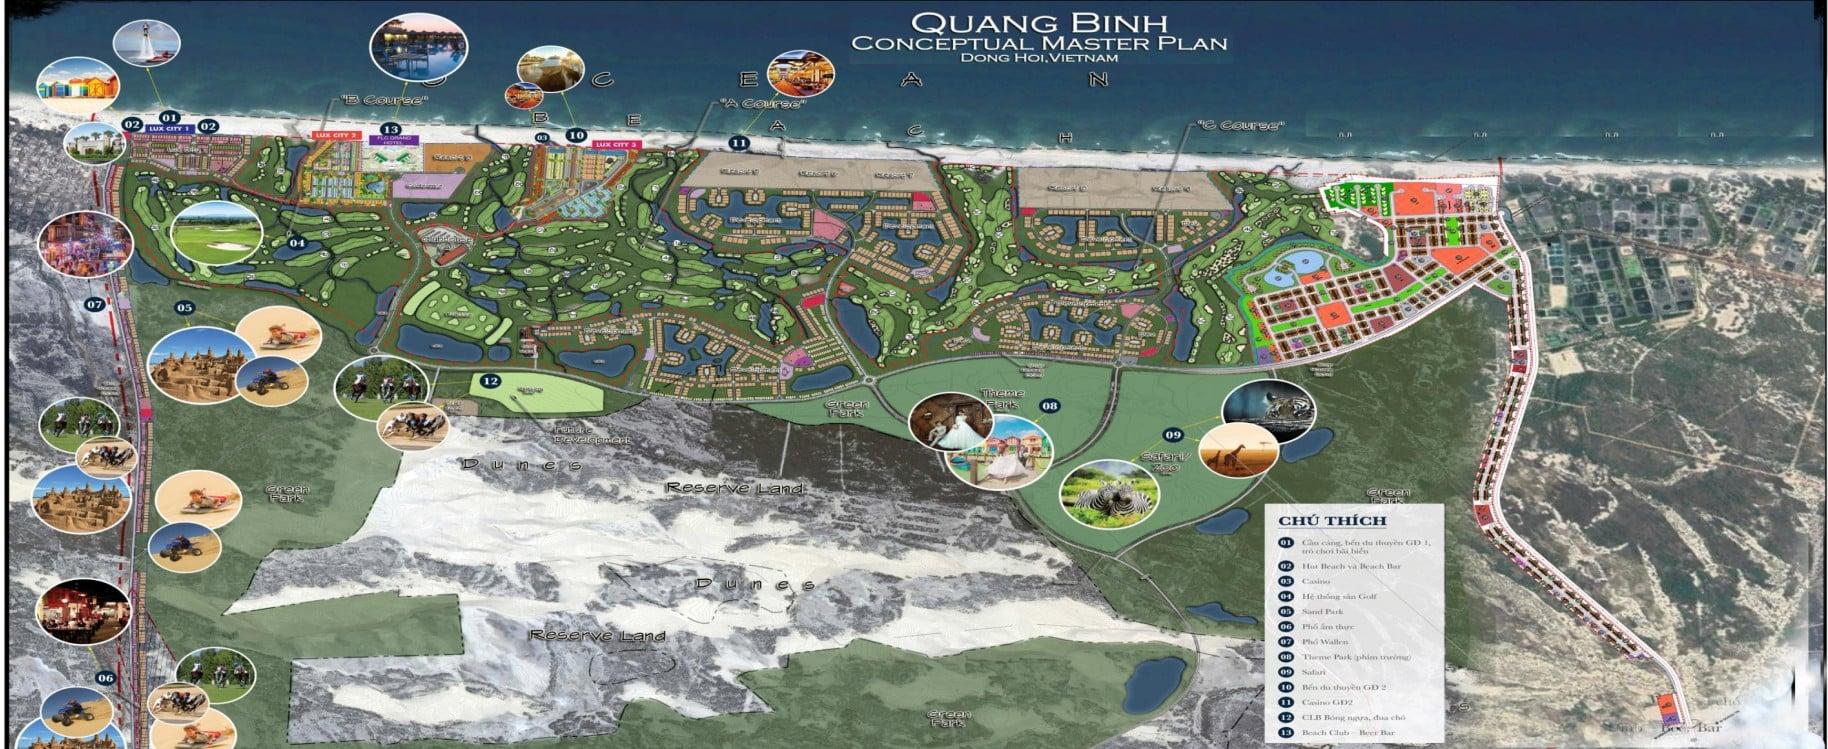 Ý tưởng thiết kế Dự án FLC Quảng Bình Beach & Golf resort 10 dự án thành phần